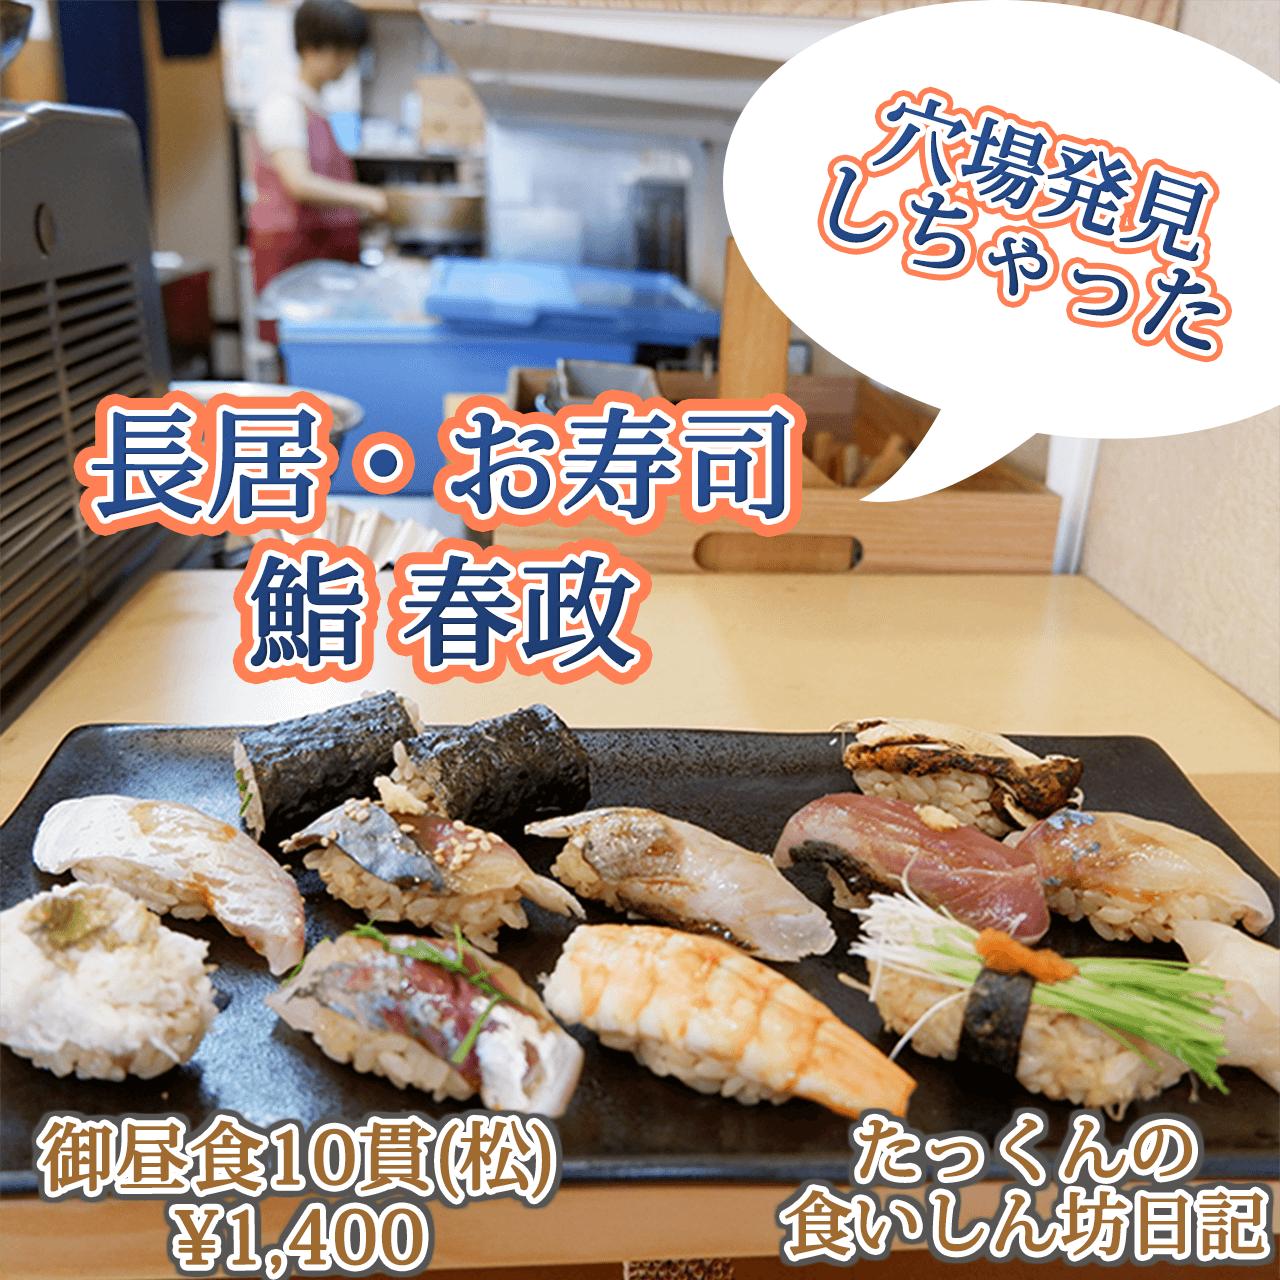 鮨春政アイキャッチ